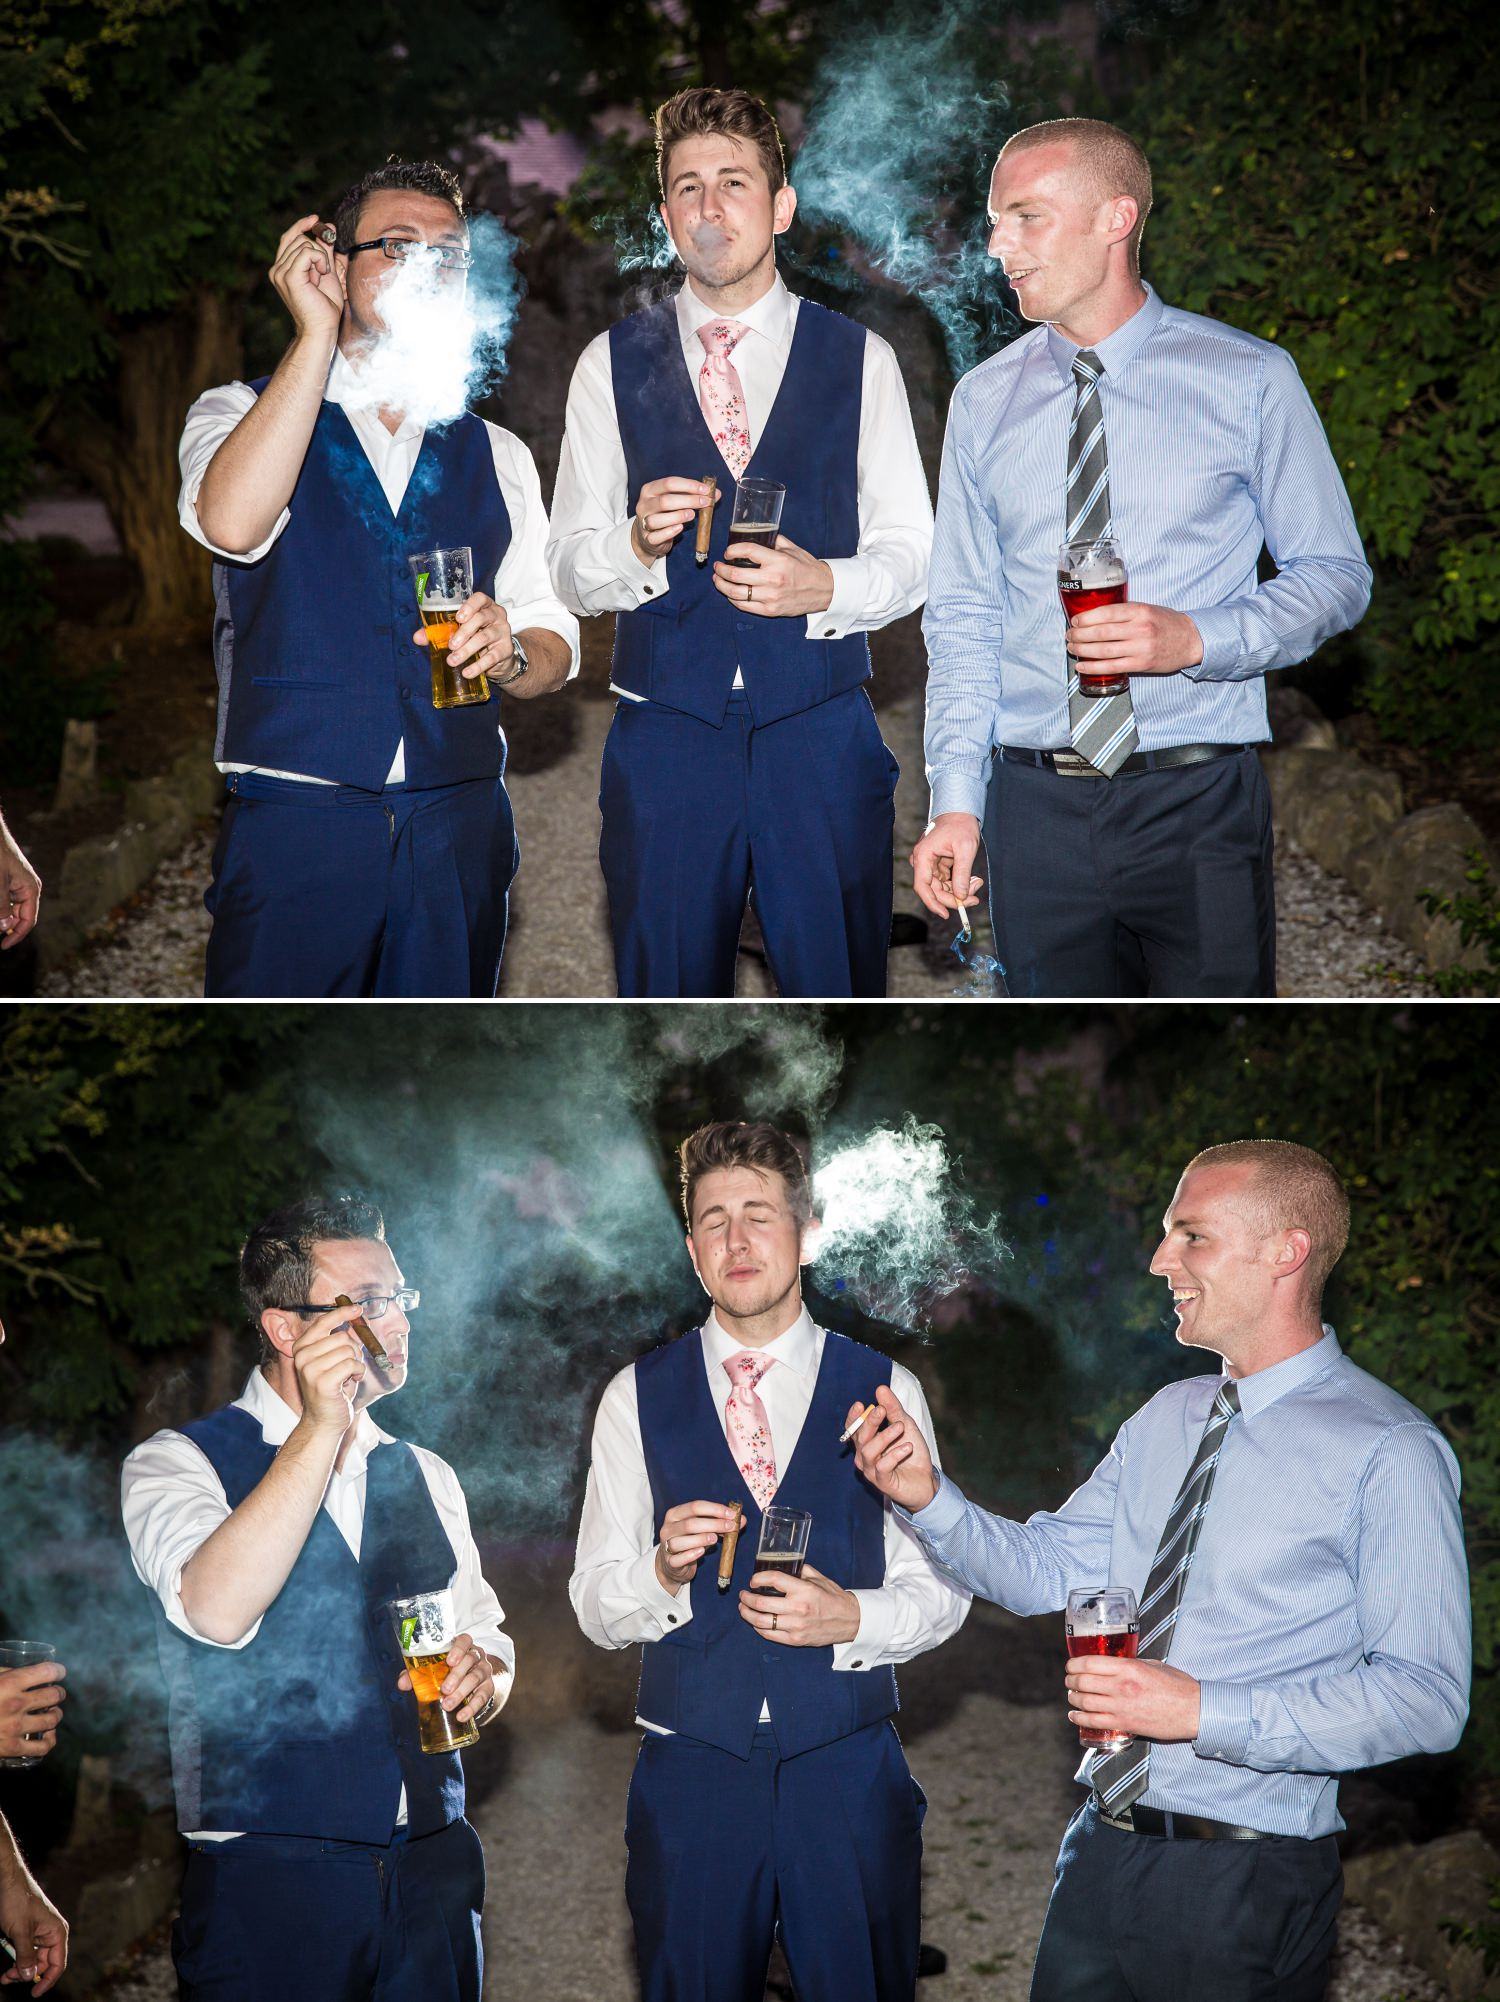 Guests smoking cigars at Faenol Fawr